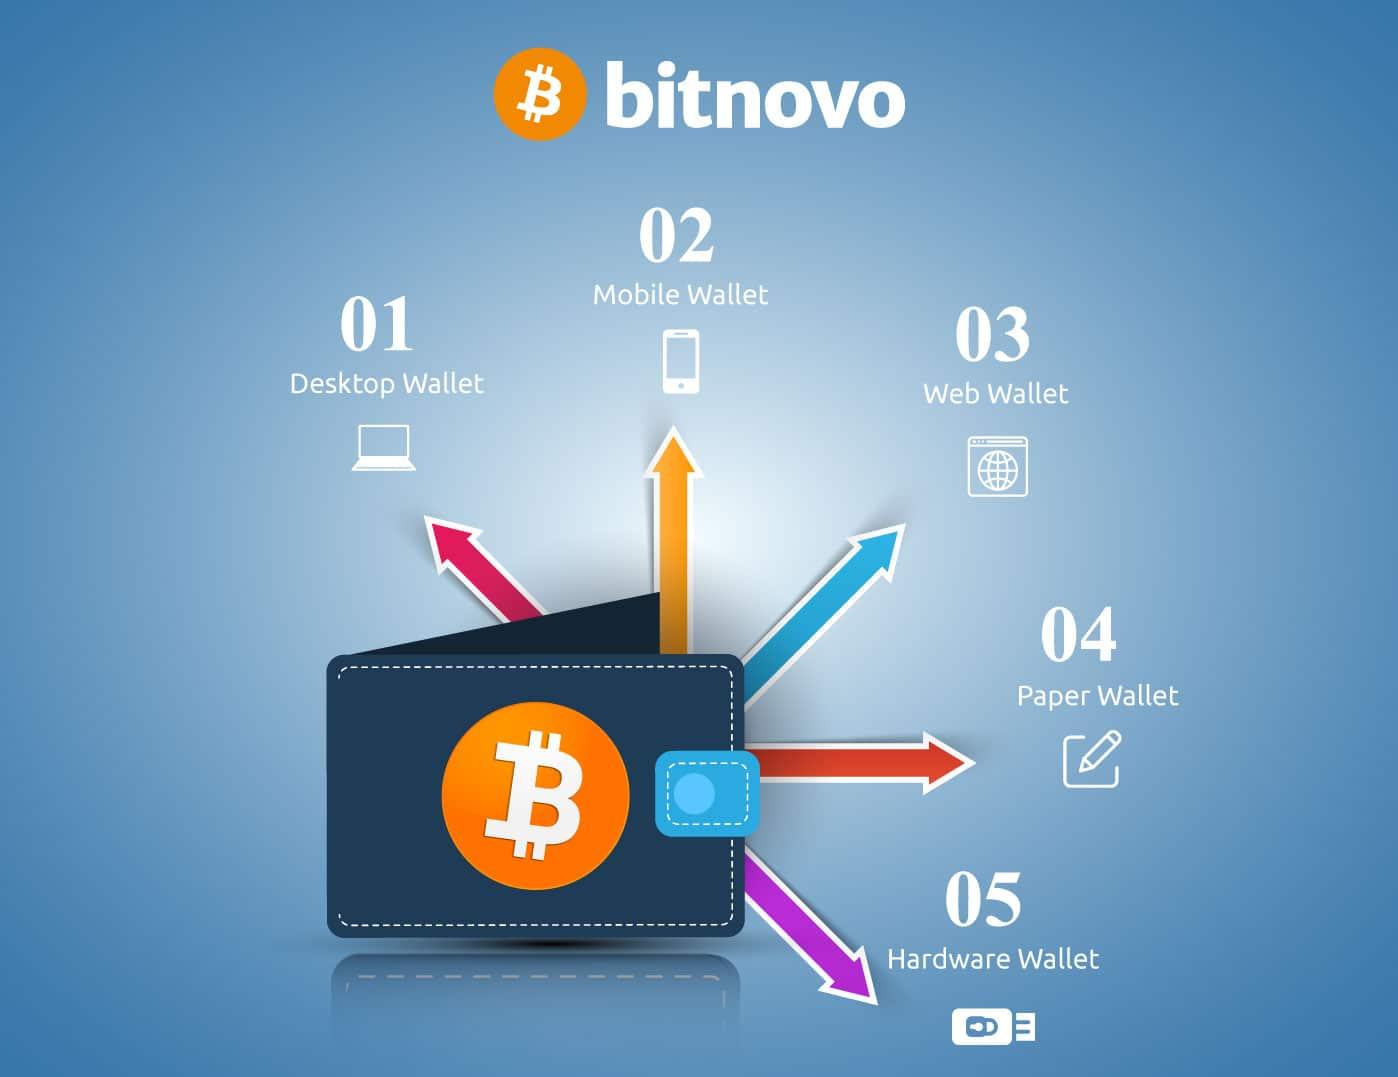 Tipos de Wallet más usados para guardar criptomonedas